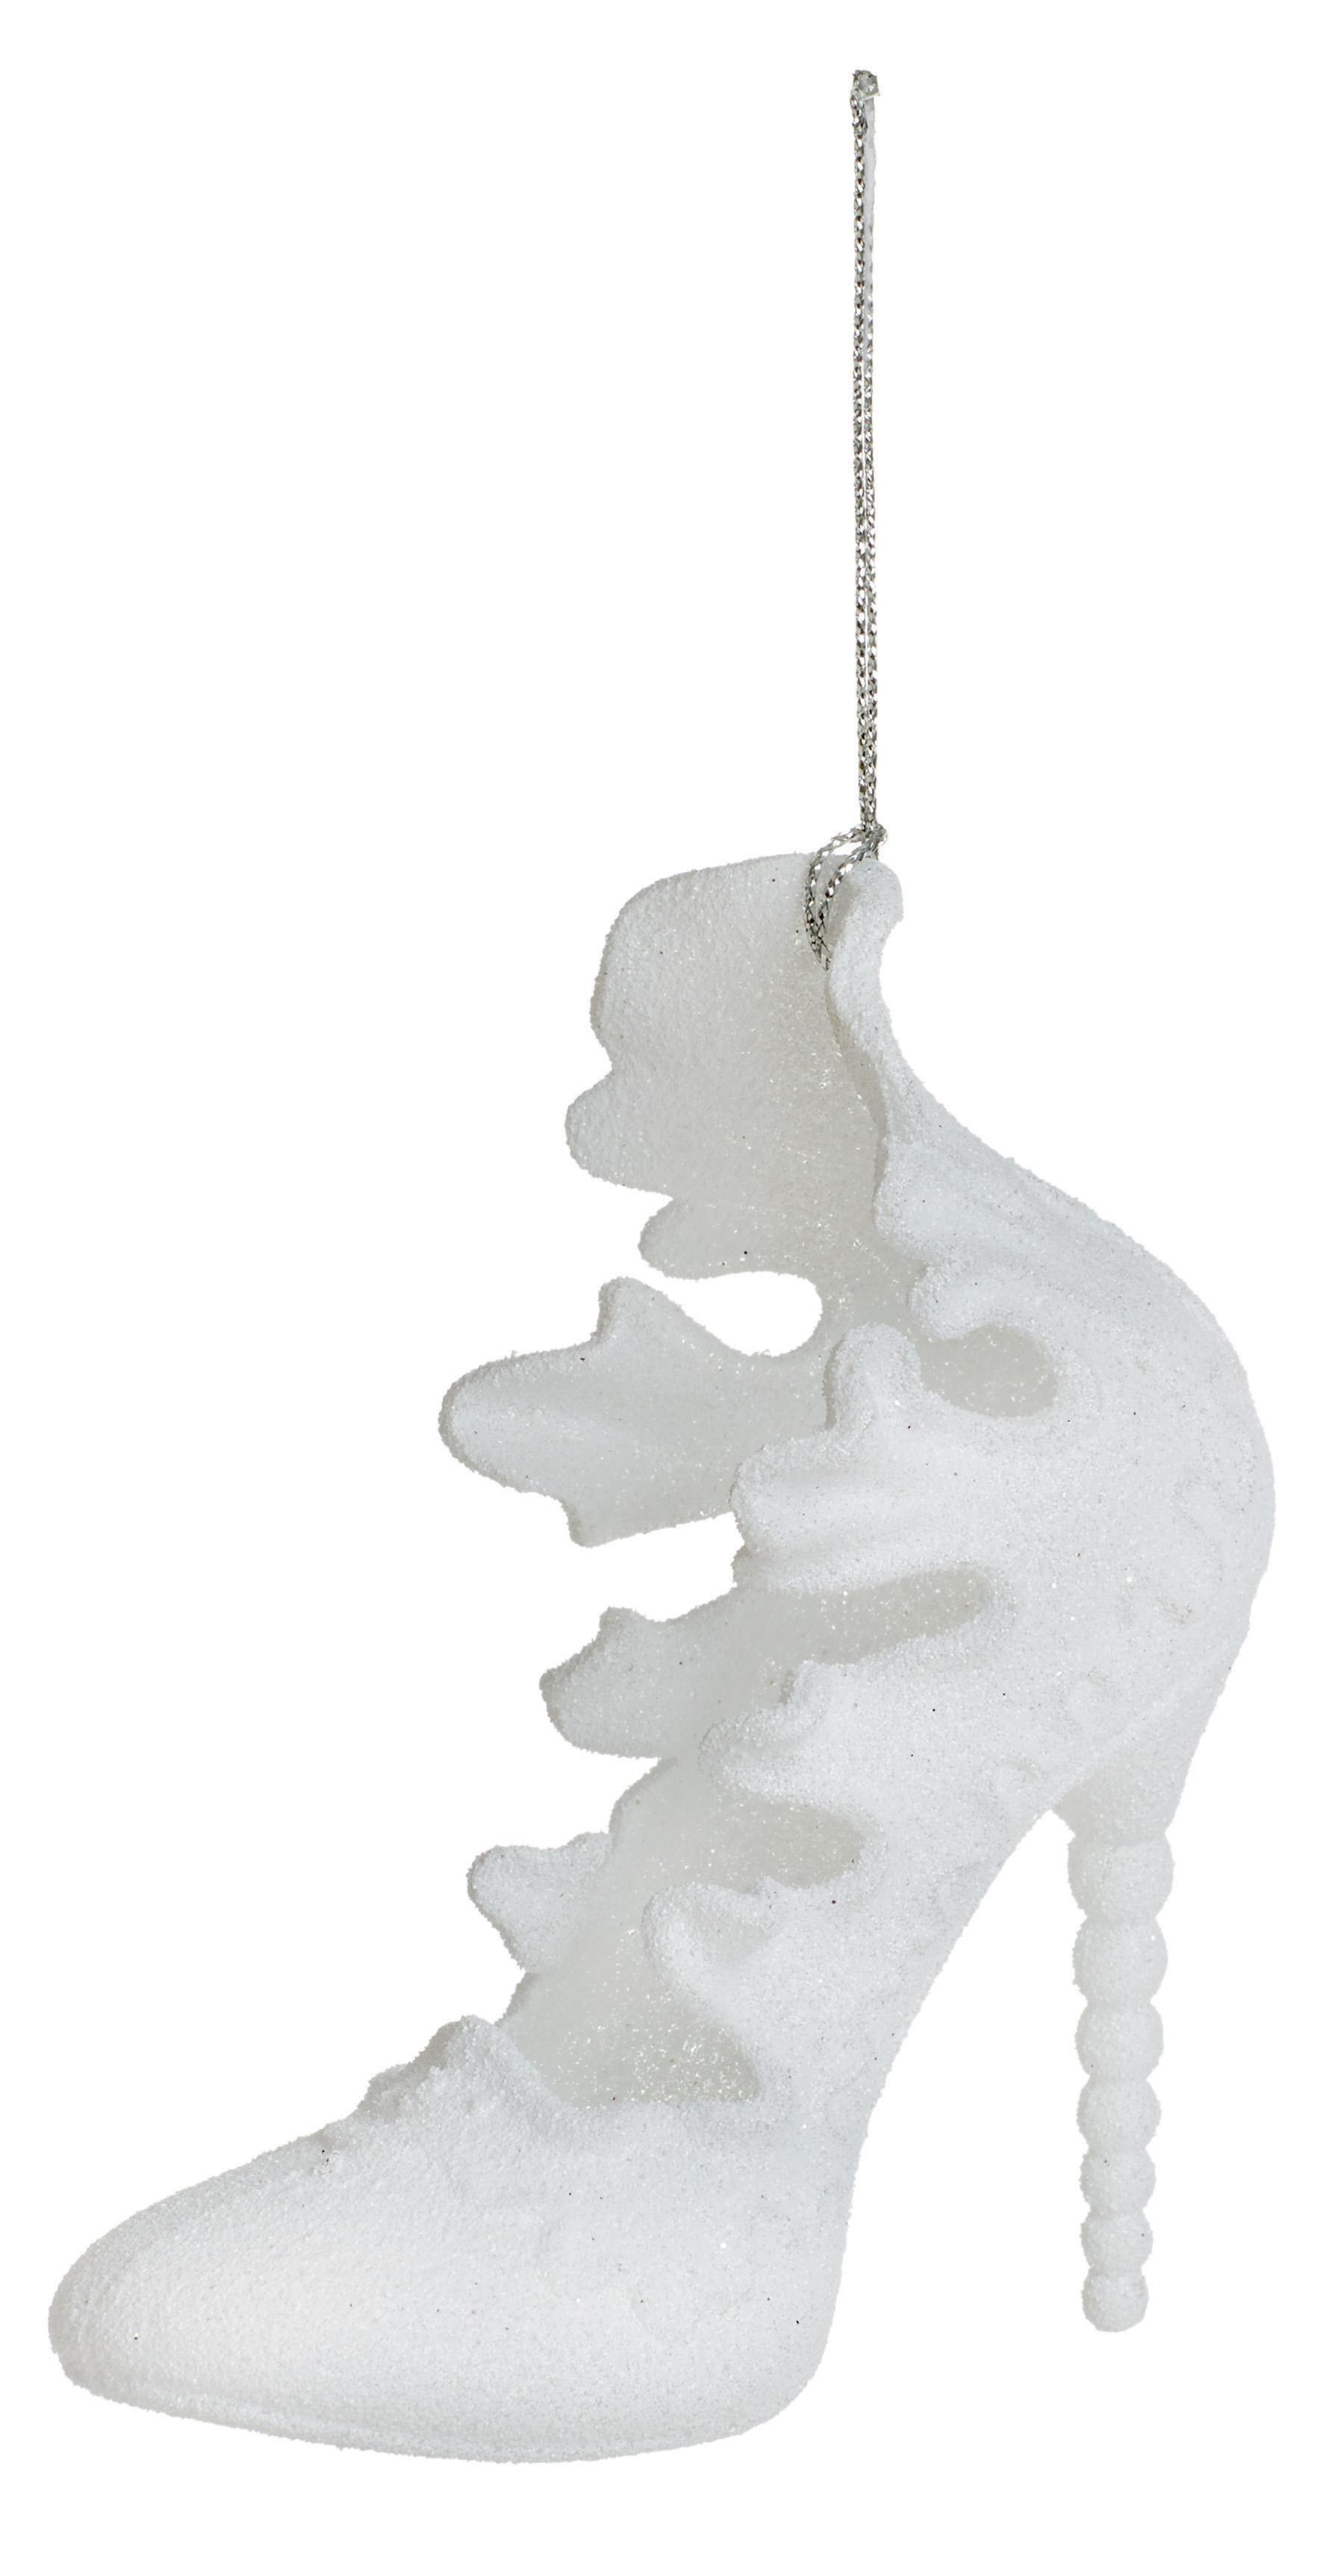 d12bfa1258c 3 blanco 3D zapato del alto talón colgando adornos adornos árbol de Navidad  decoración